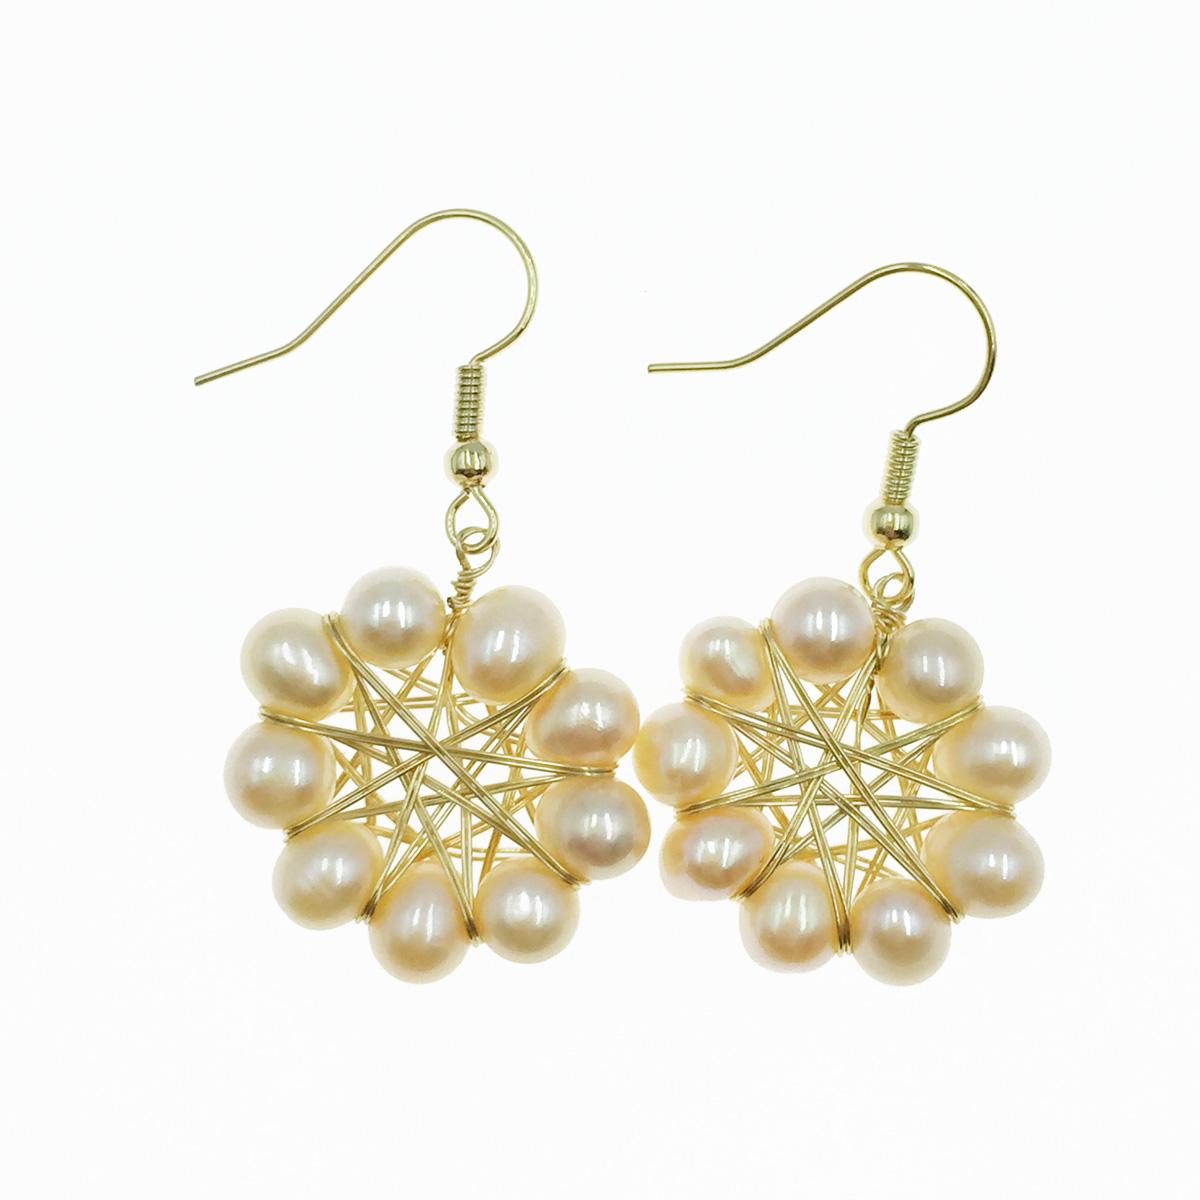 韓國 925純銀 珍珠 氣質款 優雅 垂墜感 耳勾式耳環